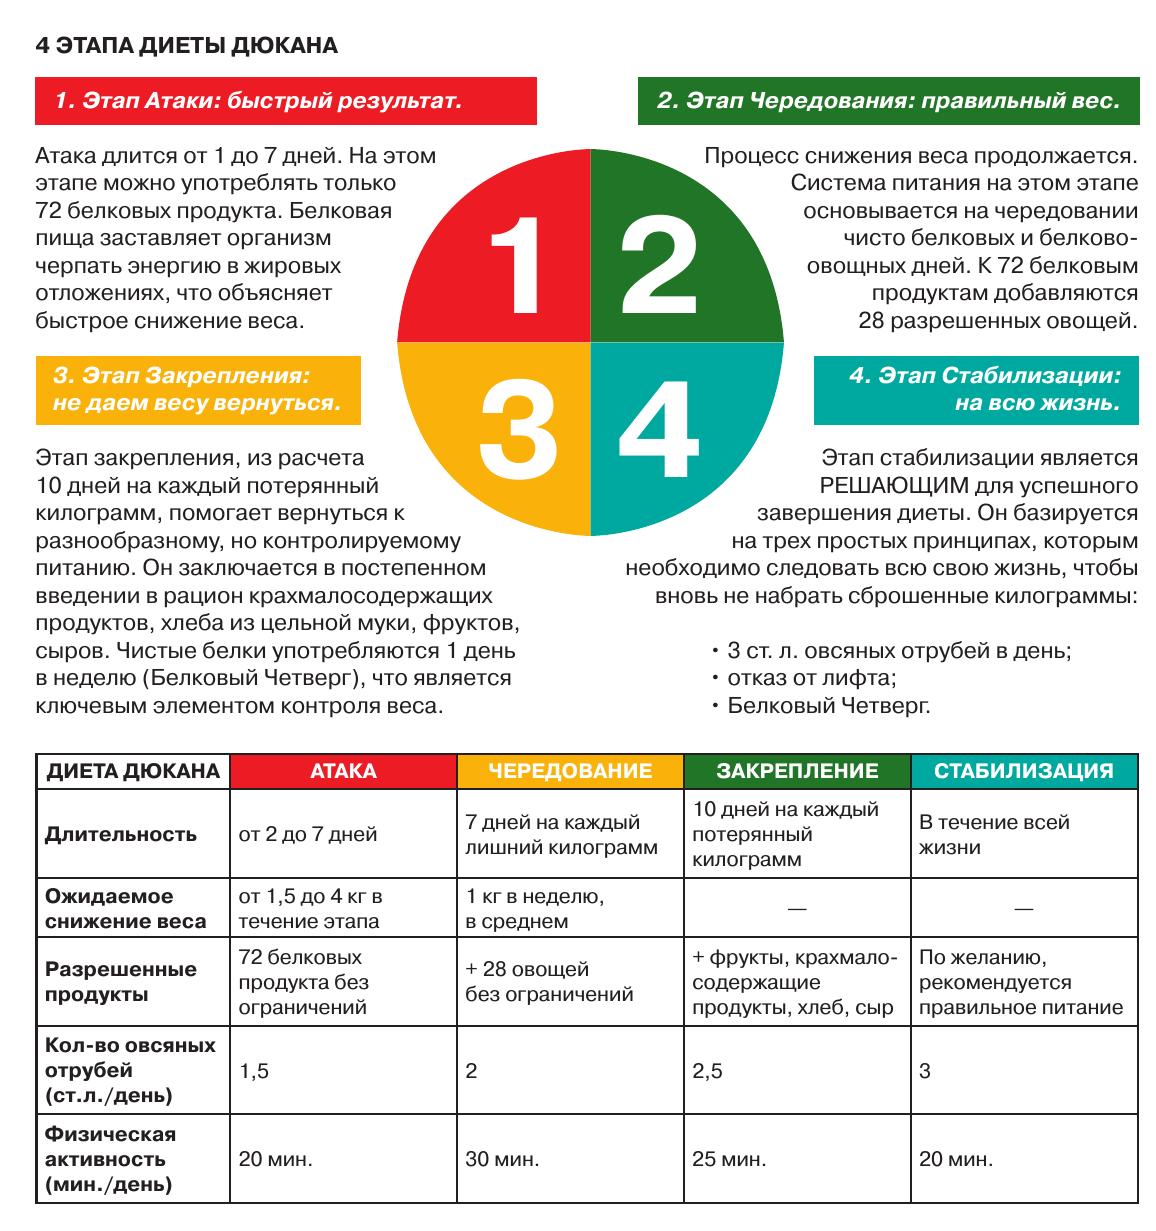 Диета дюкана меню на каждый день (3 таблицы), этапы, принципы и.